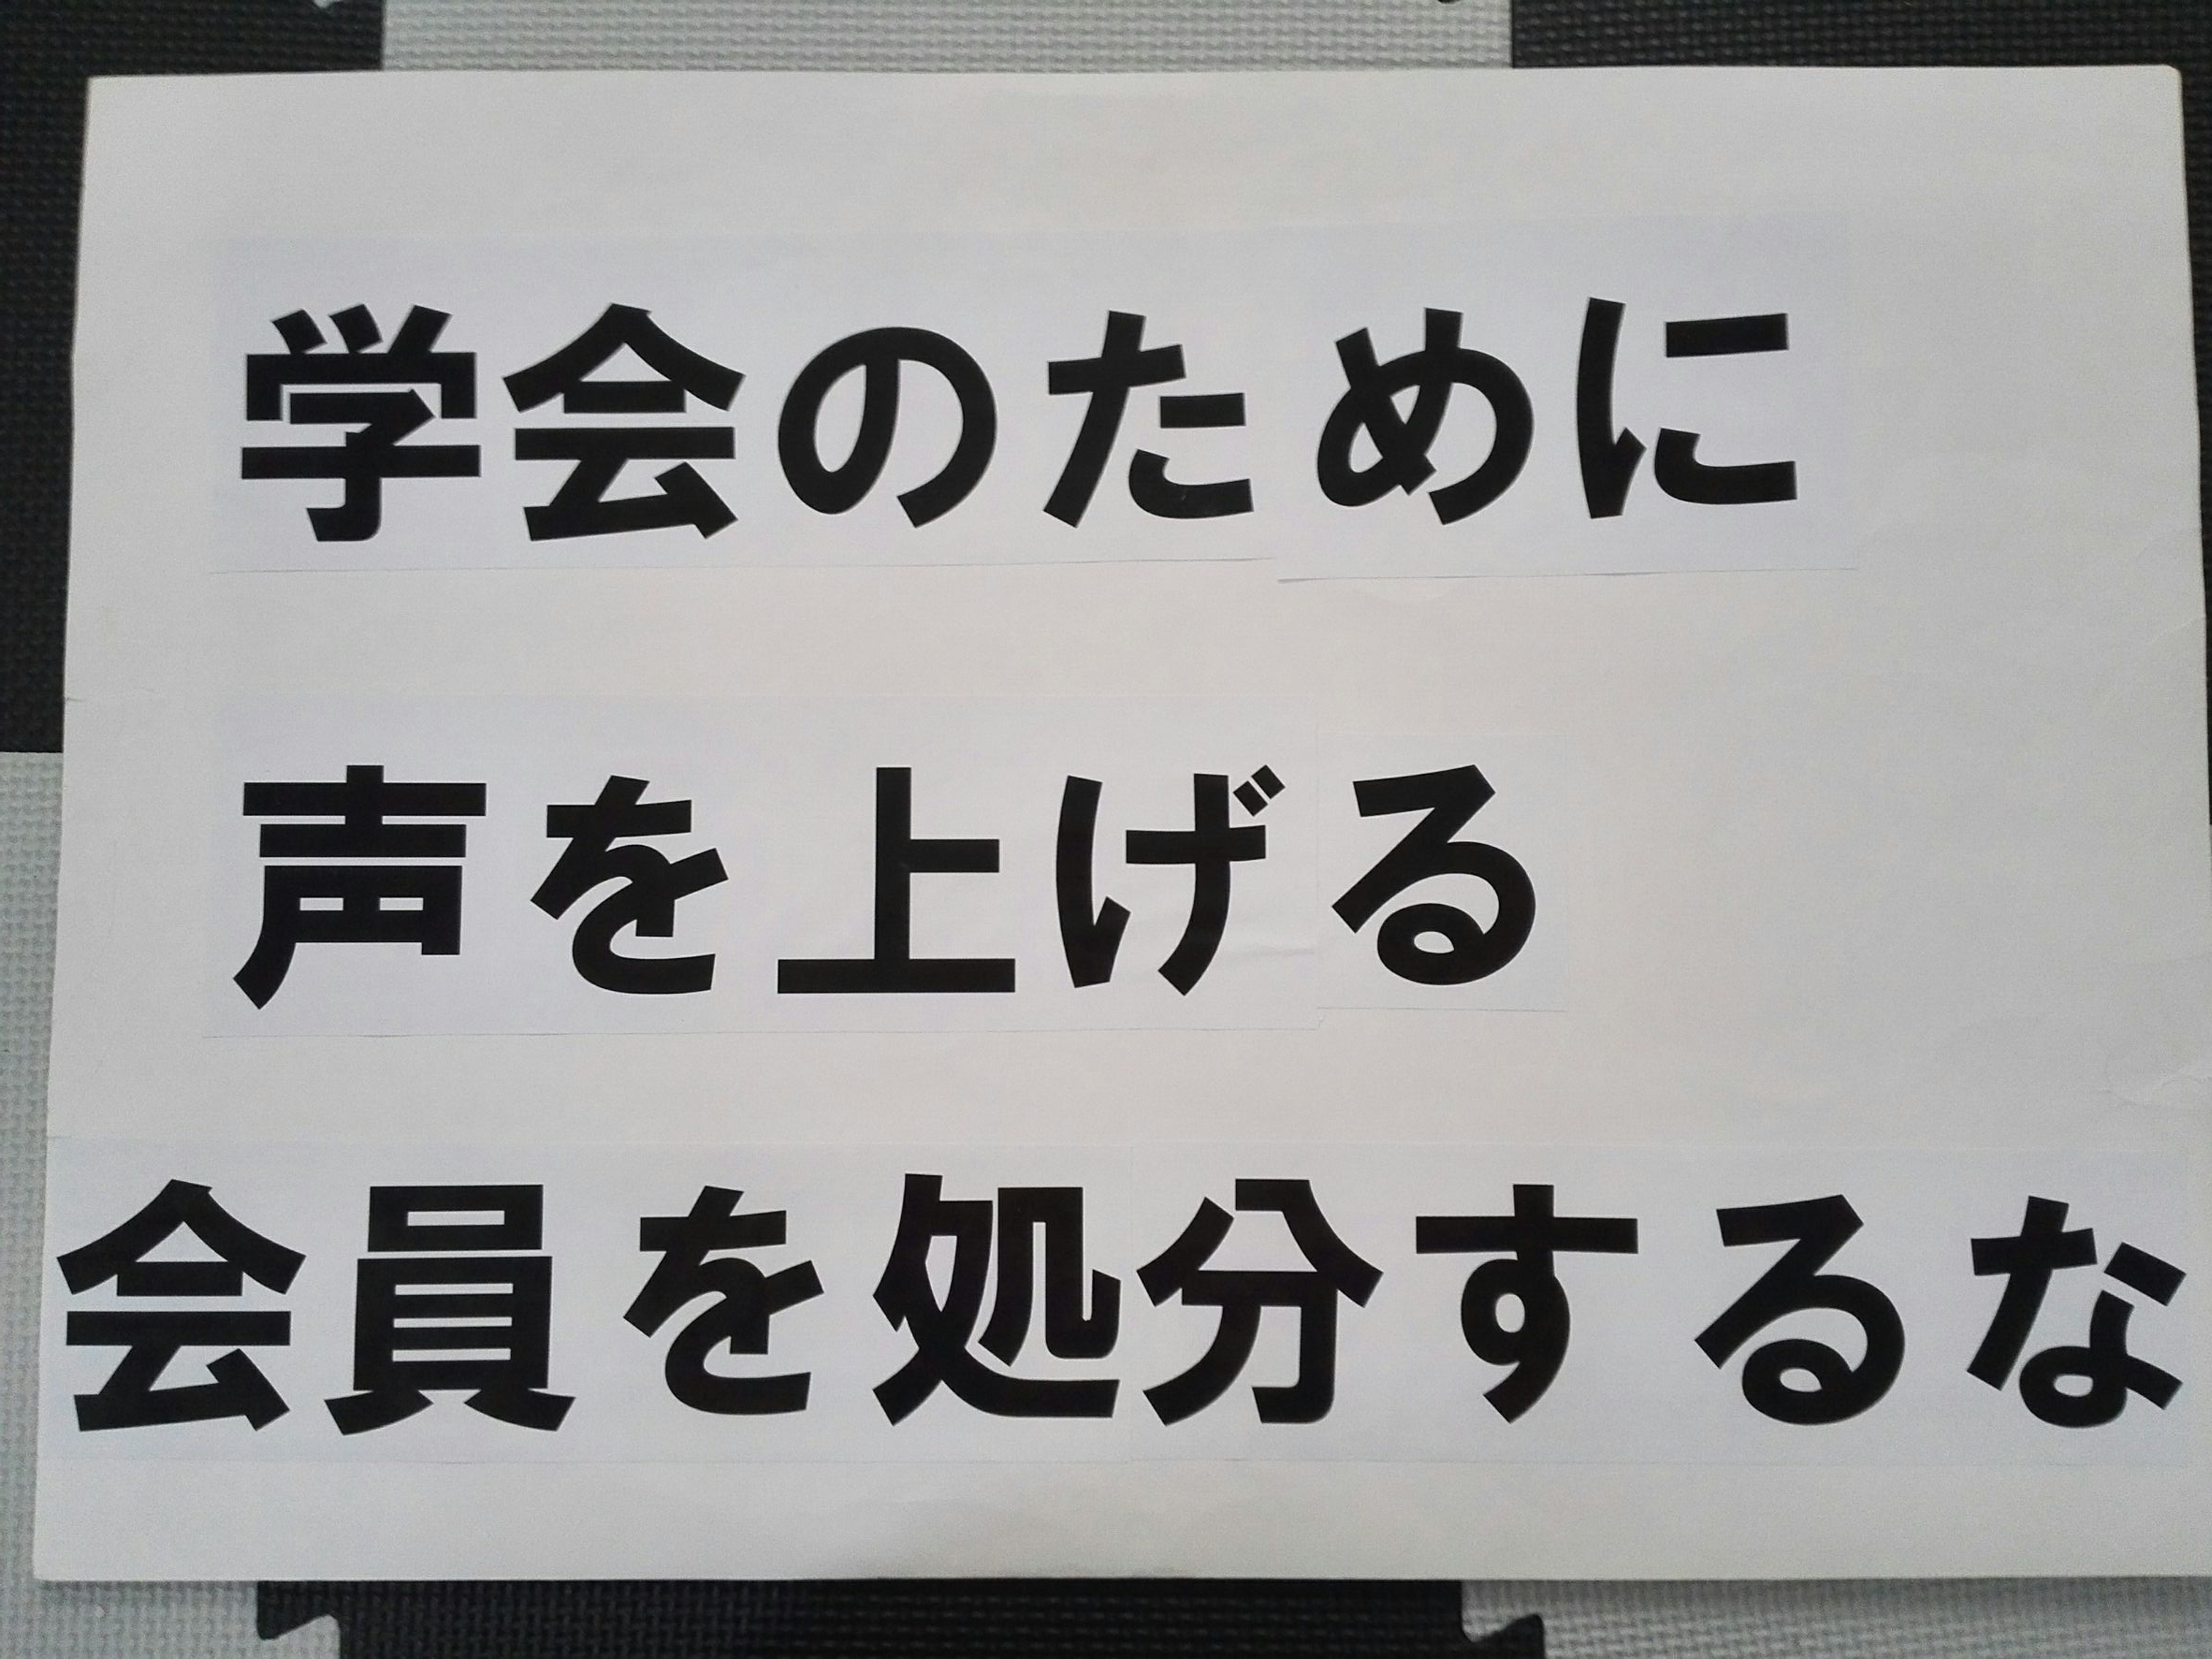 滝川光子さん 1●